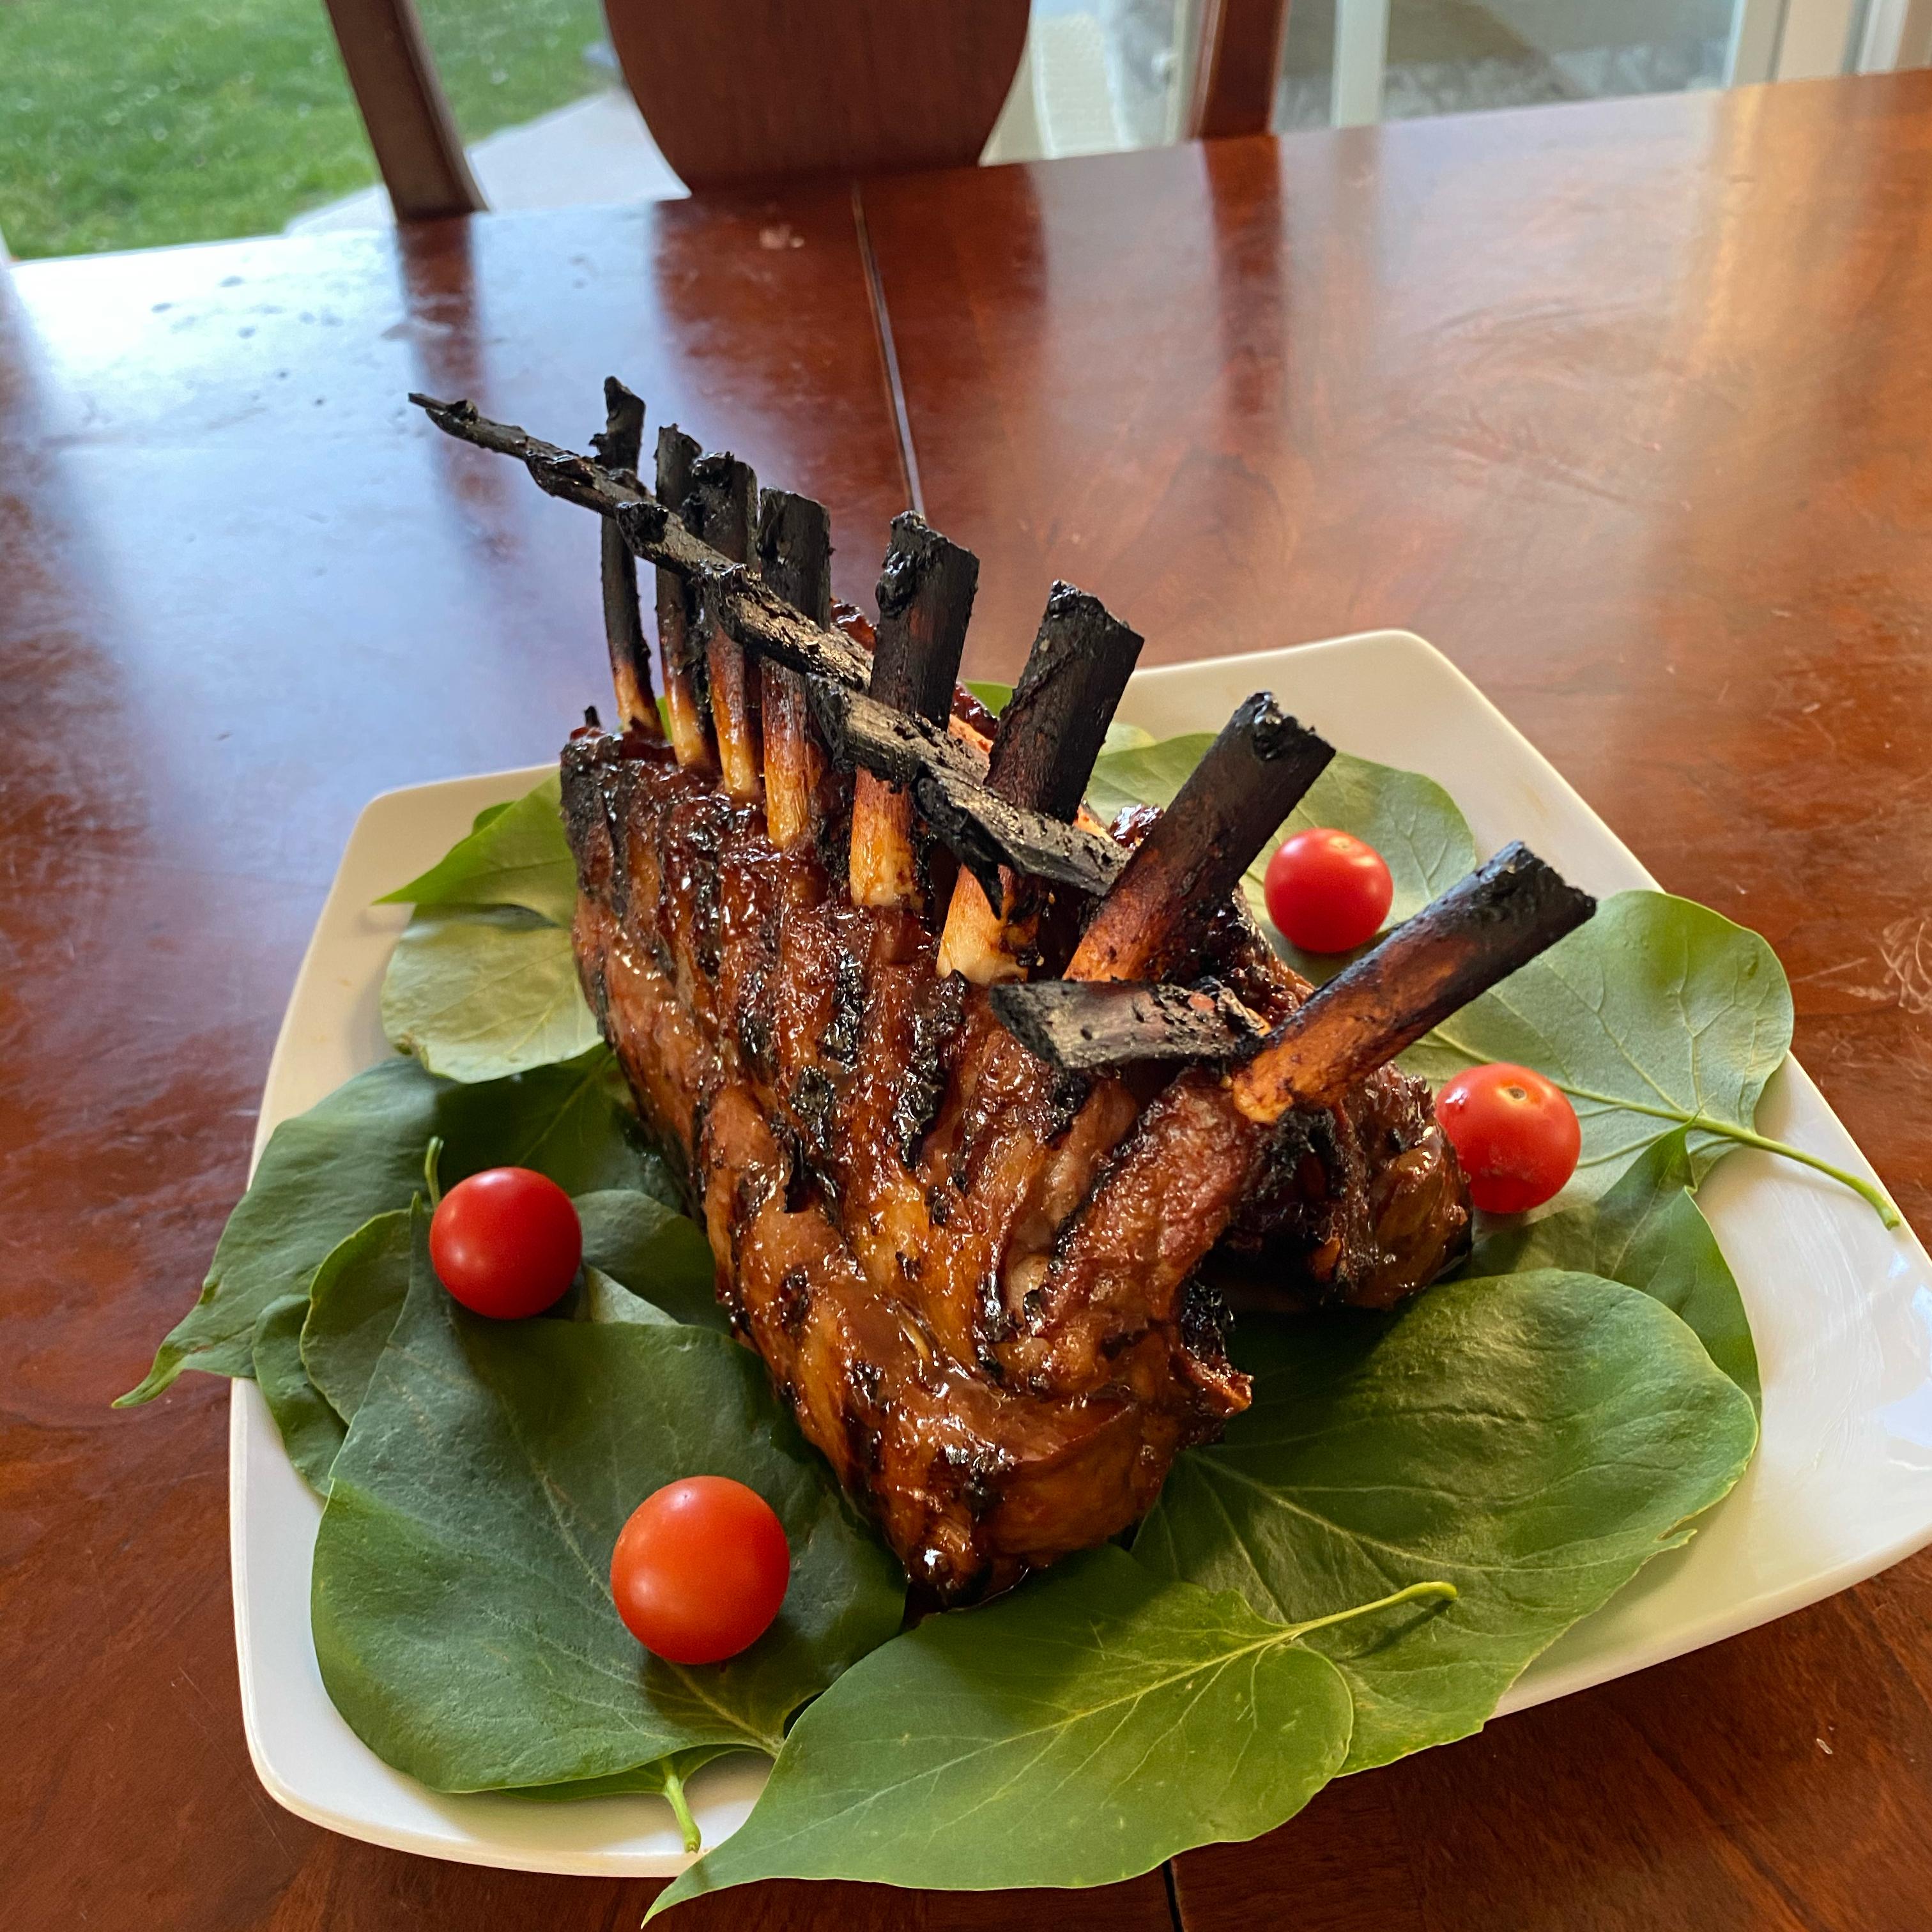 Korean Barbecued Rack of Lamb